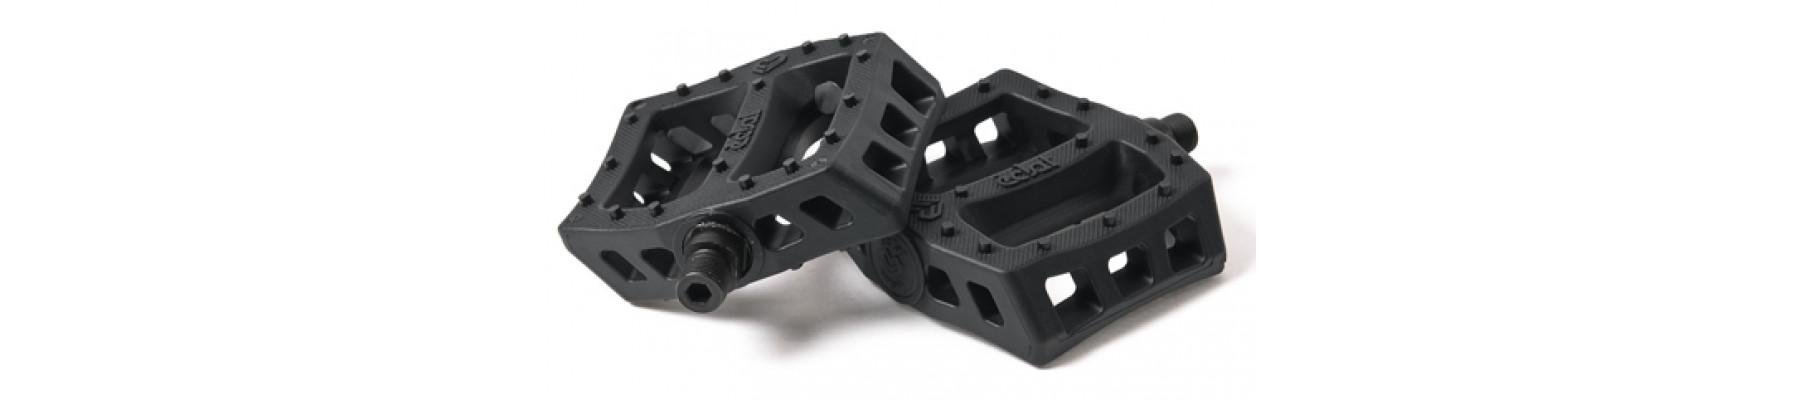 Eclat Surge Plastic pedals Black